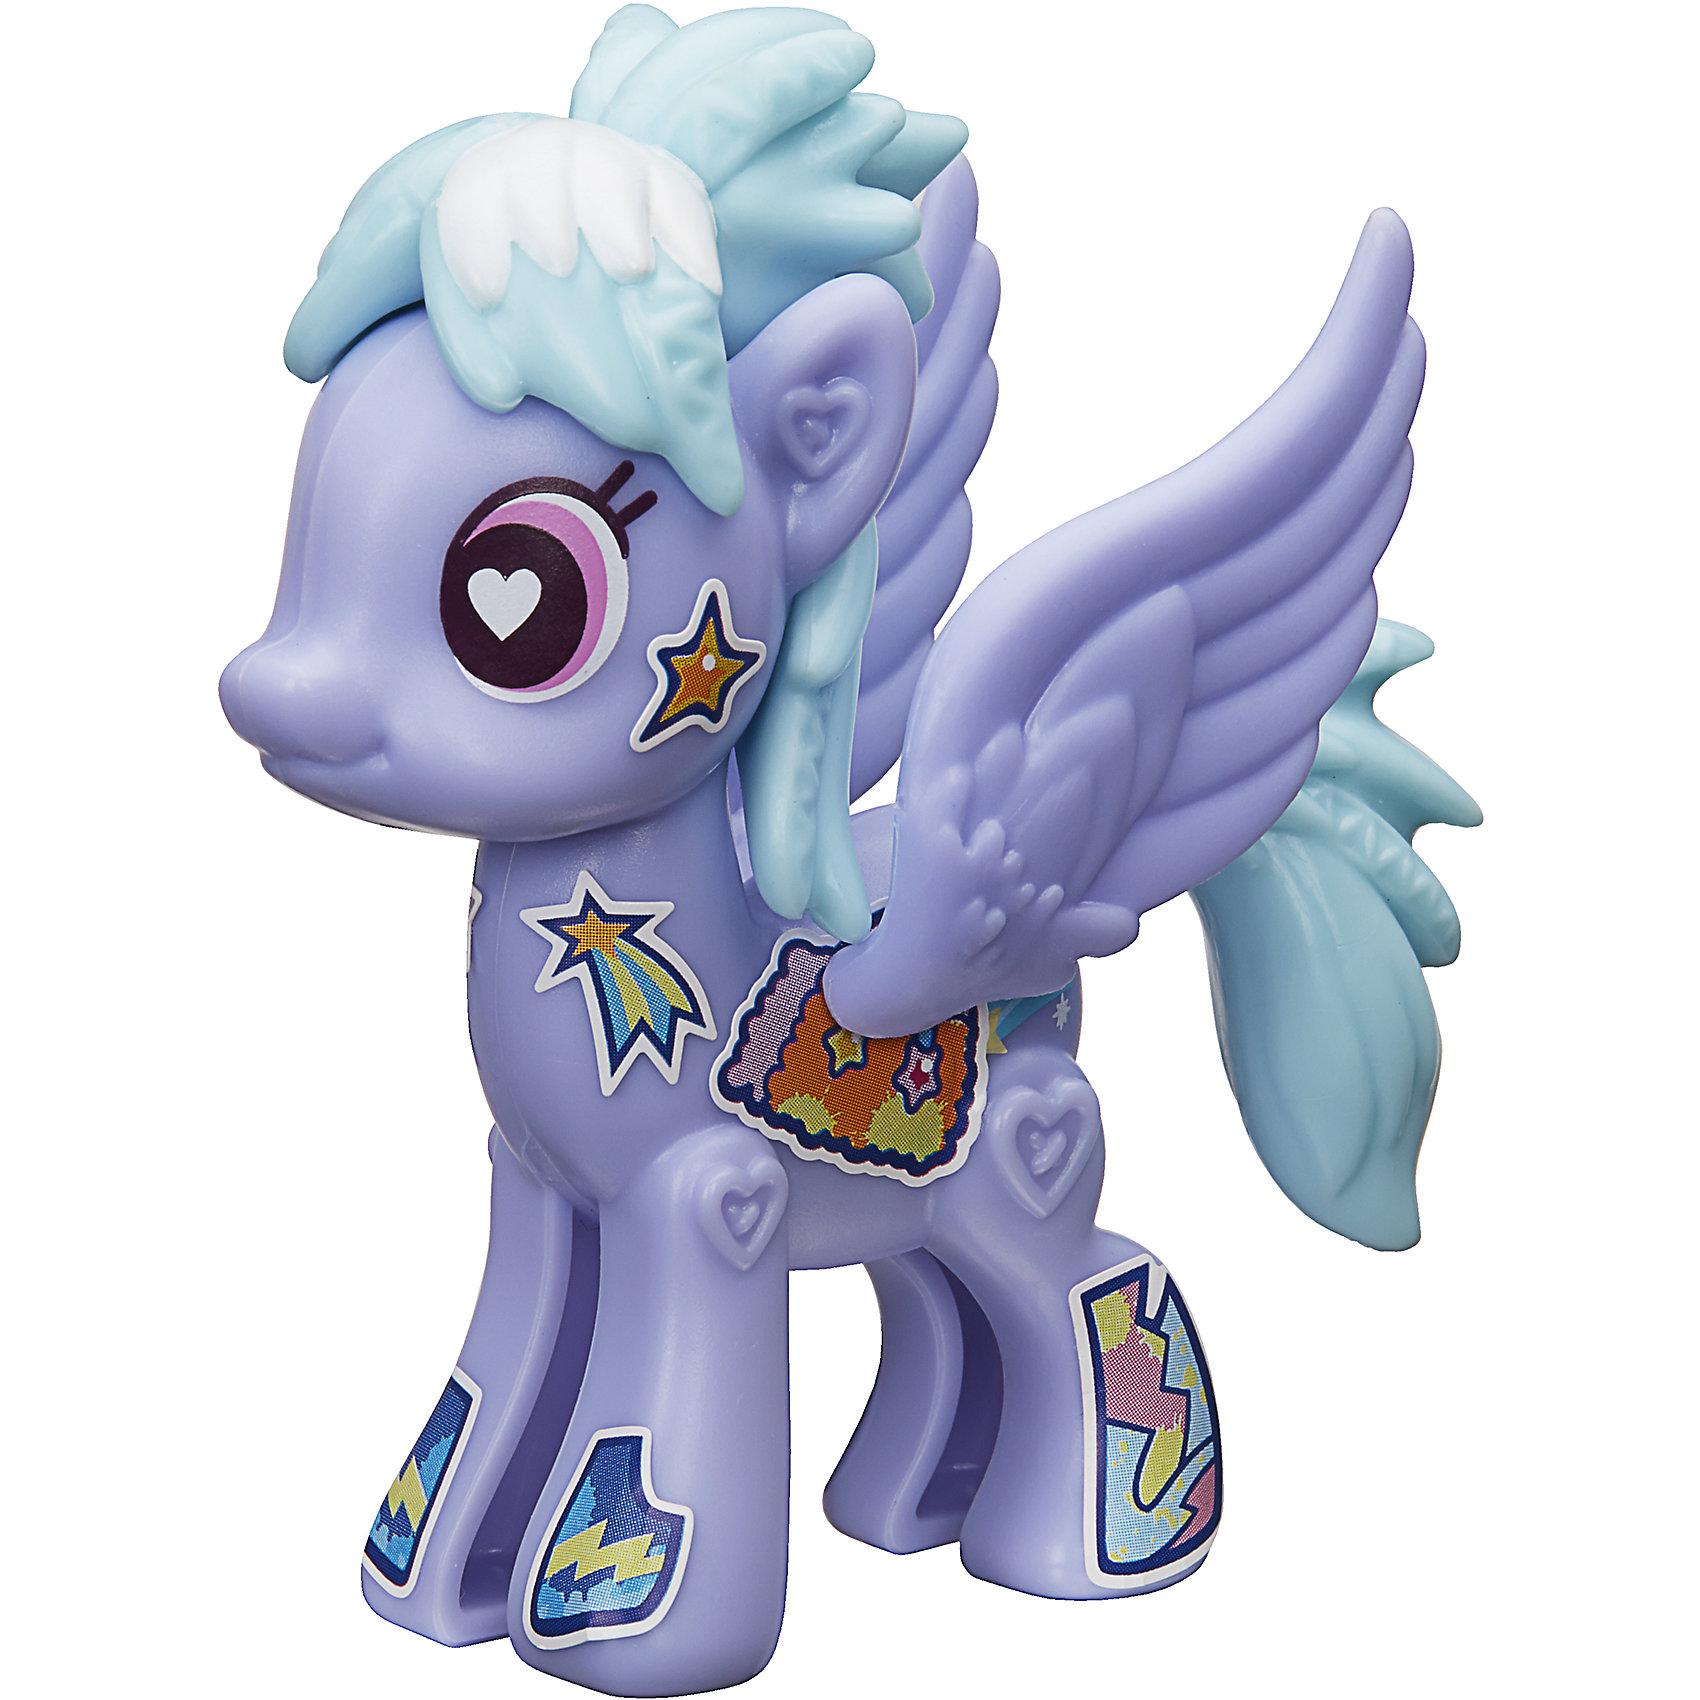 Игровой набор Hasbro My little Pony Создай свою пони, Клауд ЧейзерЛюбимые герои<br>Характеристики товара:<br><br>• возраст: от 4 лет;<br>• материал: пластик;<br>• в комплекте: фигурка пони, аксессуары;<br>• размер упаковки: 20,5х14,9х16,2 см;<br>• вес упаковки: 65 гр.;<br>• страна производитель: Китай.<br><br>Игровой набор «Создай свою пони» My Little Pony создан по мотивам известного мультсериала. В наборе фигурка пони и аксессуары для придания пони стильного образа. Наклейками можно украсить пони, проявив фантазию.<br><br>Игровой набор «Создай свою пони» My Little Pony Hasbro B3592/B5108 можно приобрести в нашем интернет-магазине.<br><br>Ширина мм: 205<br>Глубина мм: 162<br>Высота мм: 149<br>Вес г: 65<br>Возраст от месяцев: 48<br>Возраст до месяцев: 2147483647<br>Пол: Женский<br>Возраст: Детский<br>SKU: 6674420